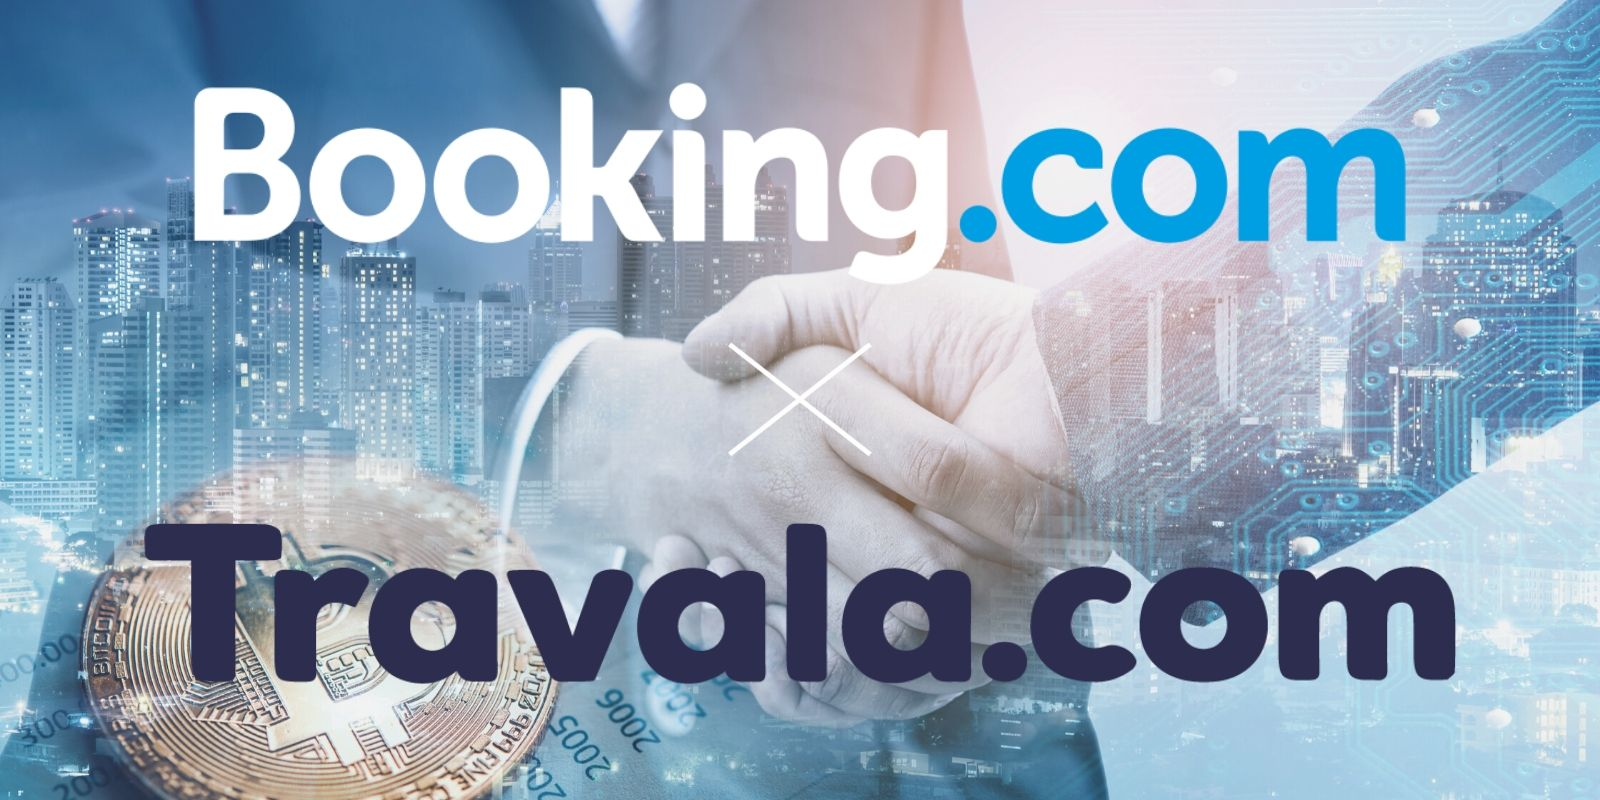 شركة Booking لحجز الفنادق تدخل في شراكة استراتيجية مع أحد مشاريع الكريبتو